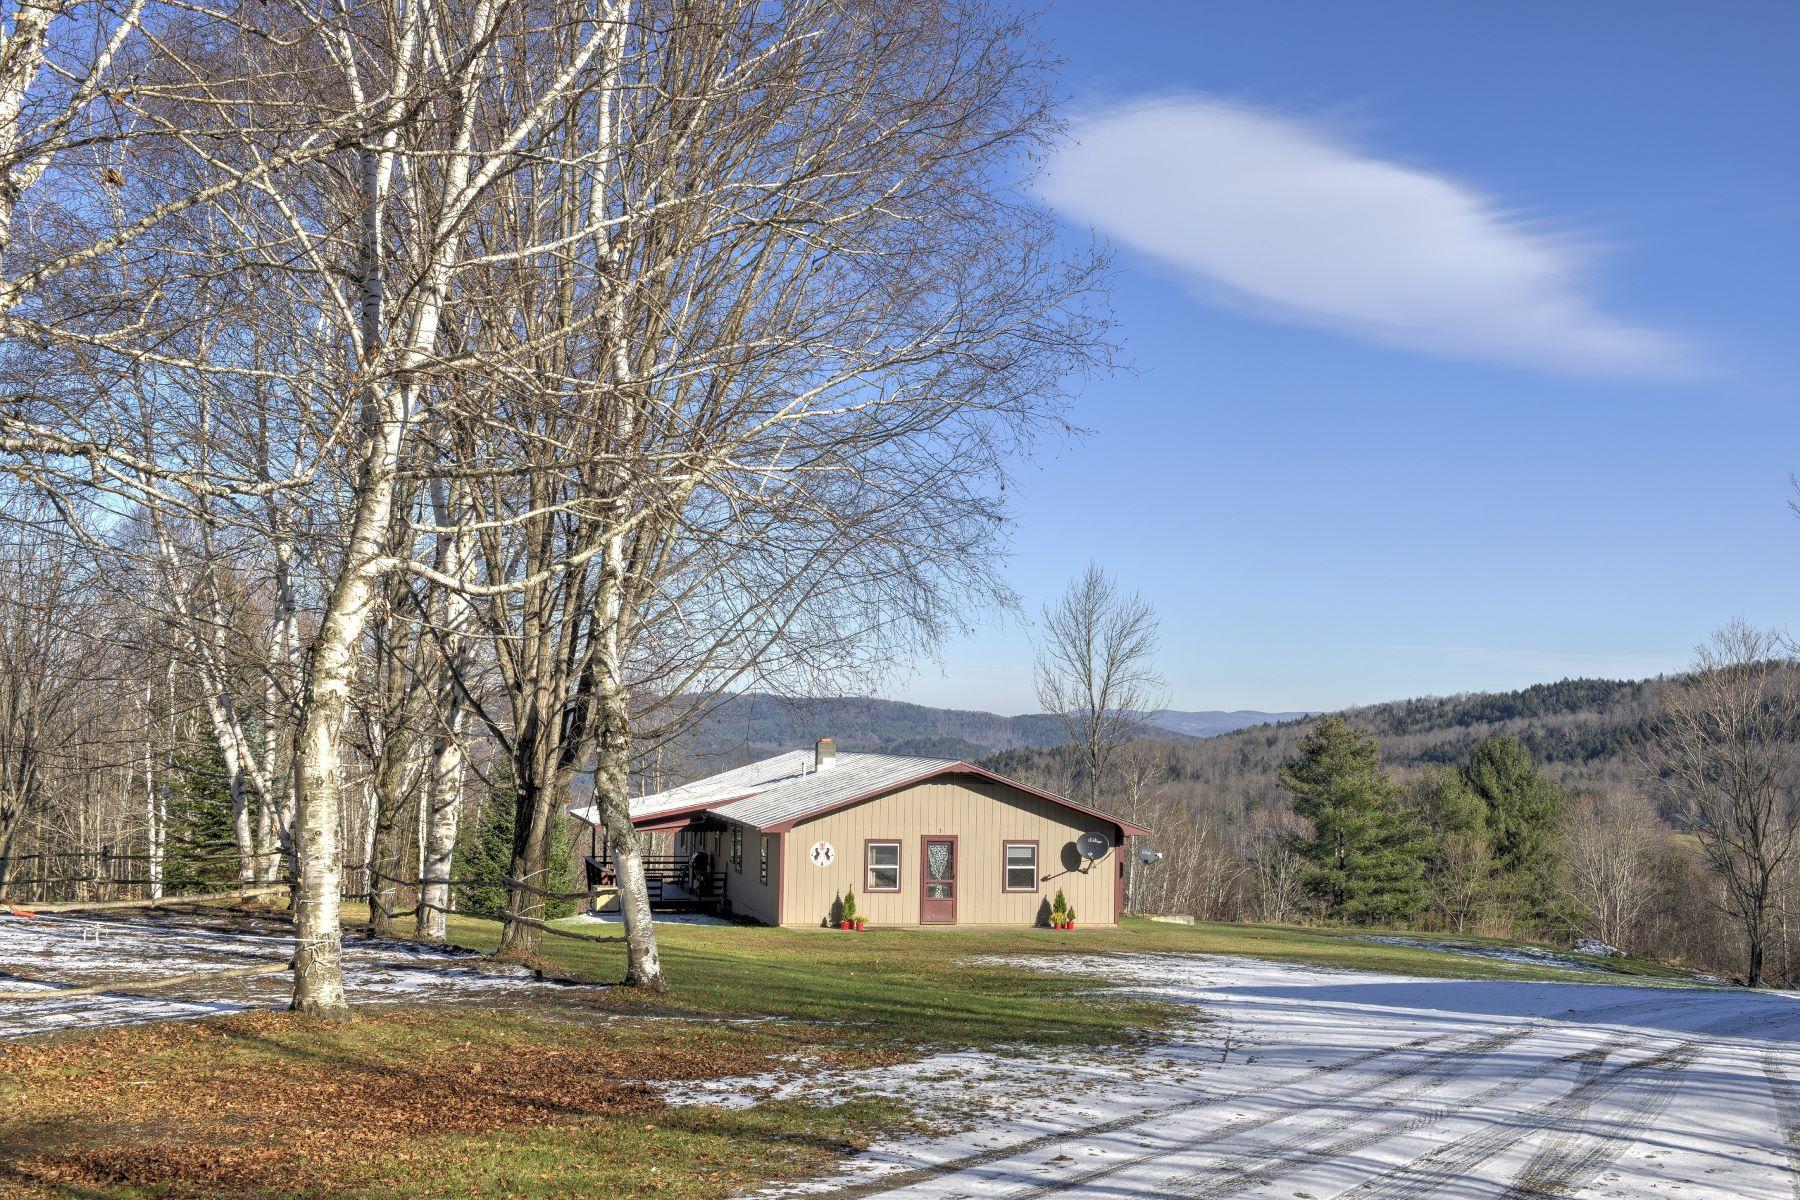 Casa Unifamiliar por un Venta en 1053 Davis, Royalton Royalton, Vermont, 05068 Estados Unidos